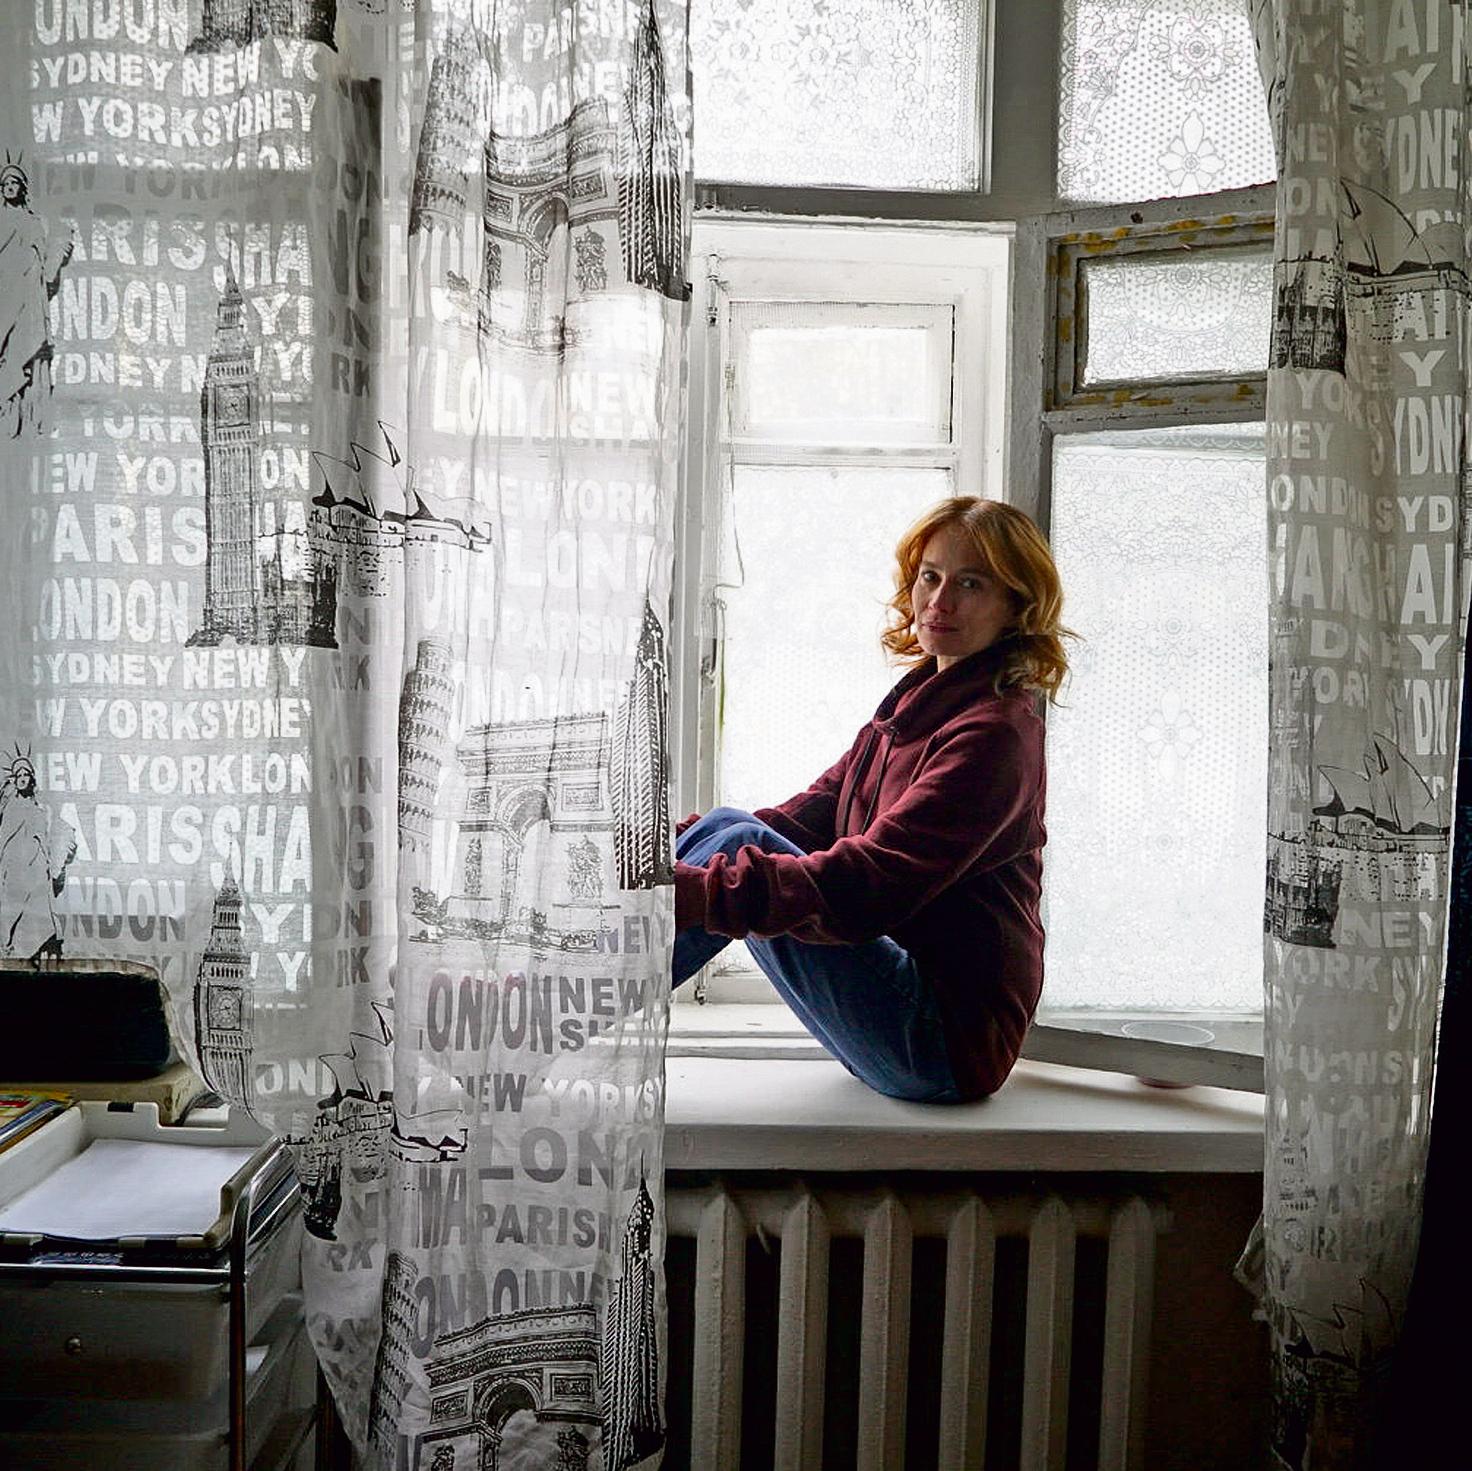 ליד החלון שממנו נהגה כילדה לצאת לגן המשחקים | דריה קוזנצובה